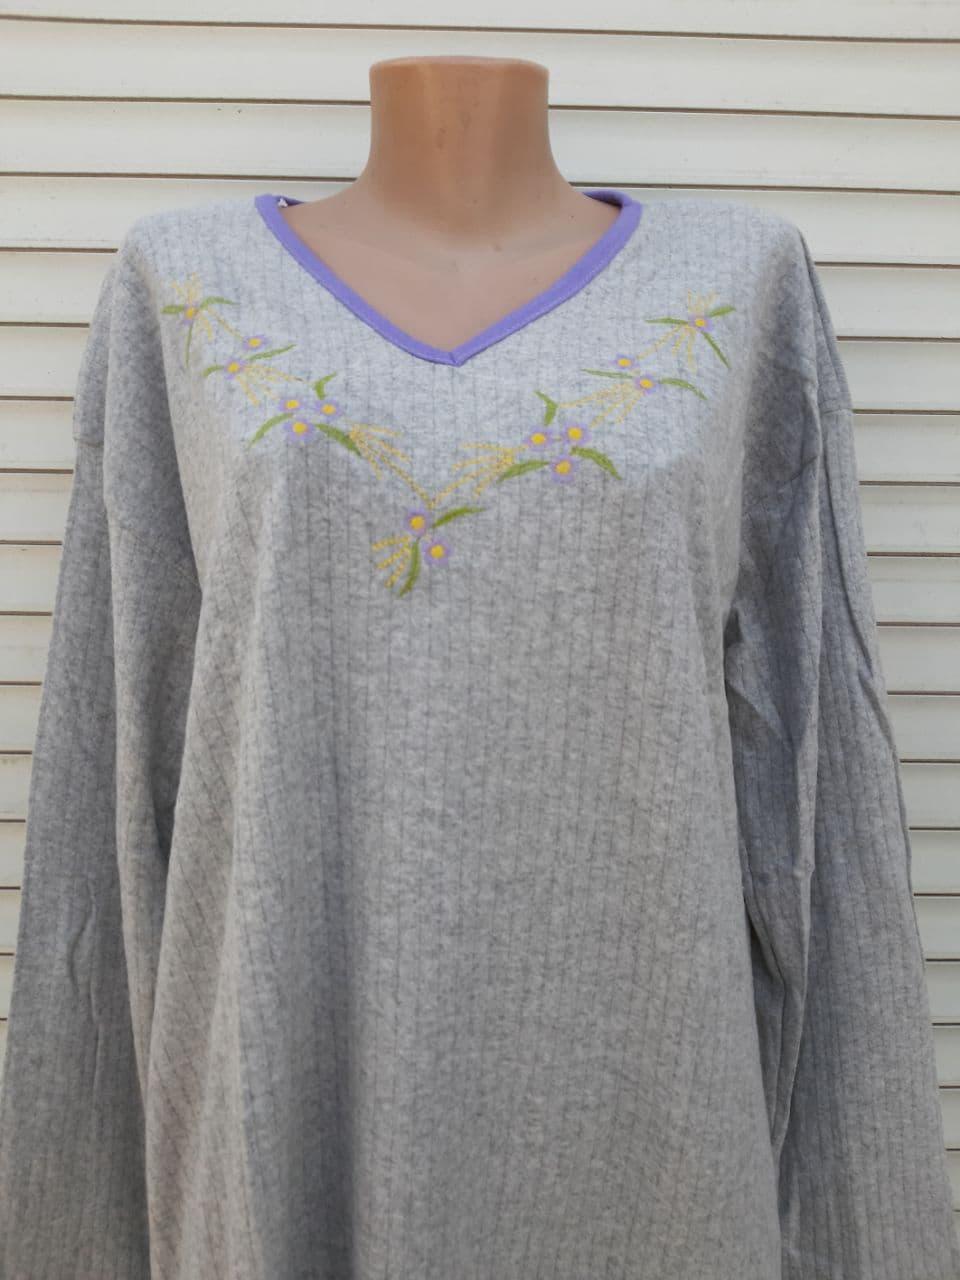 Теплая кашемировая ночная рубашка Красивая ночнушка Сиреневые цветочки размер L